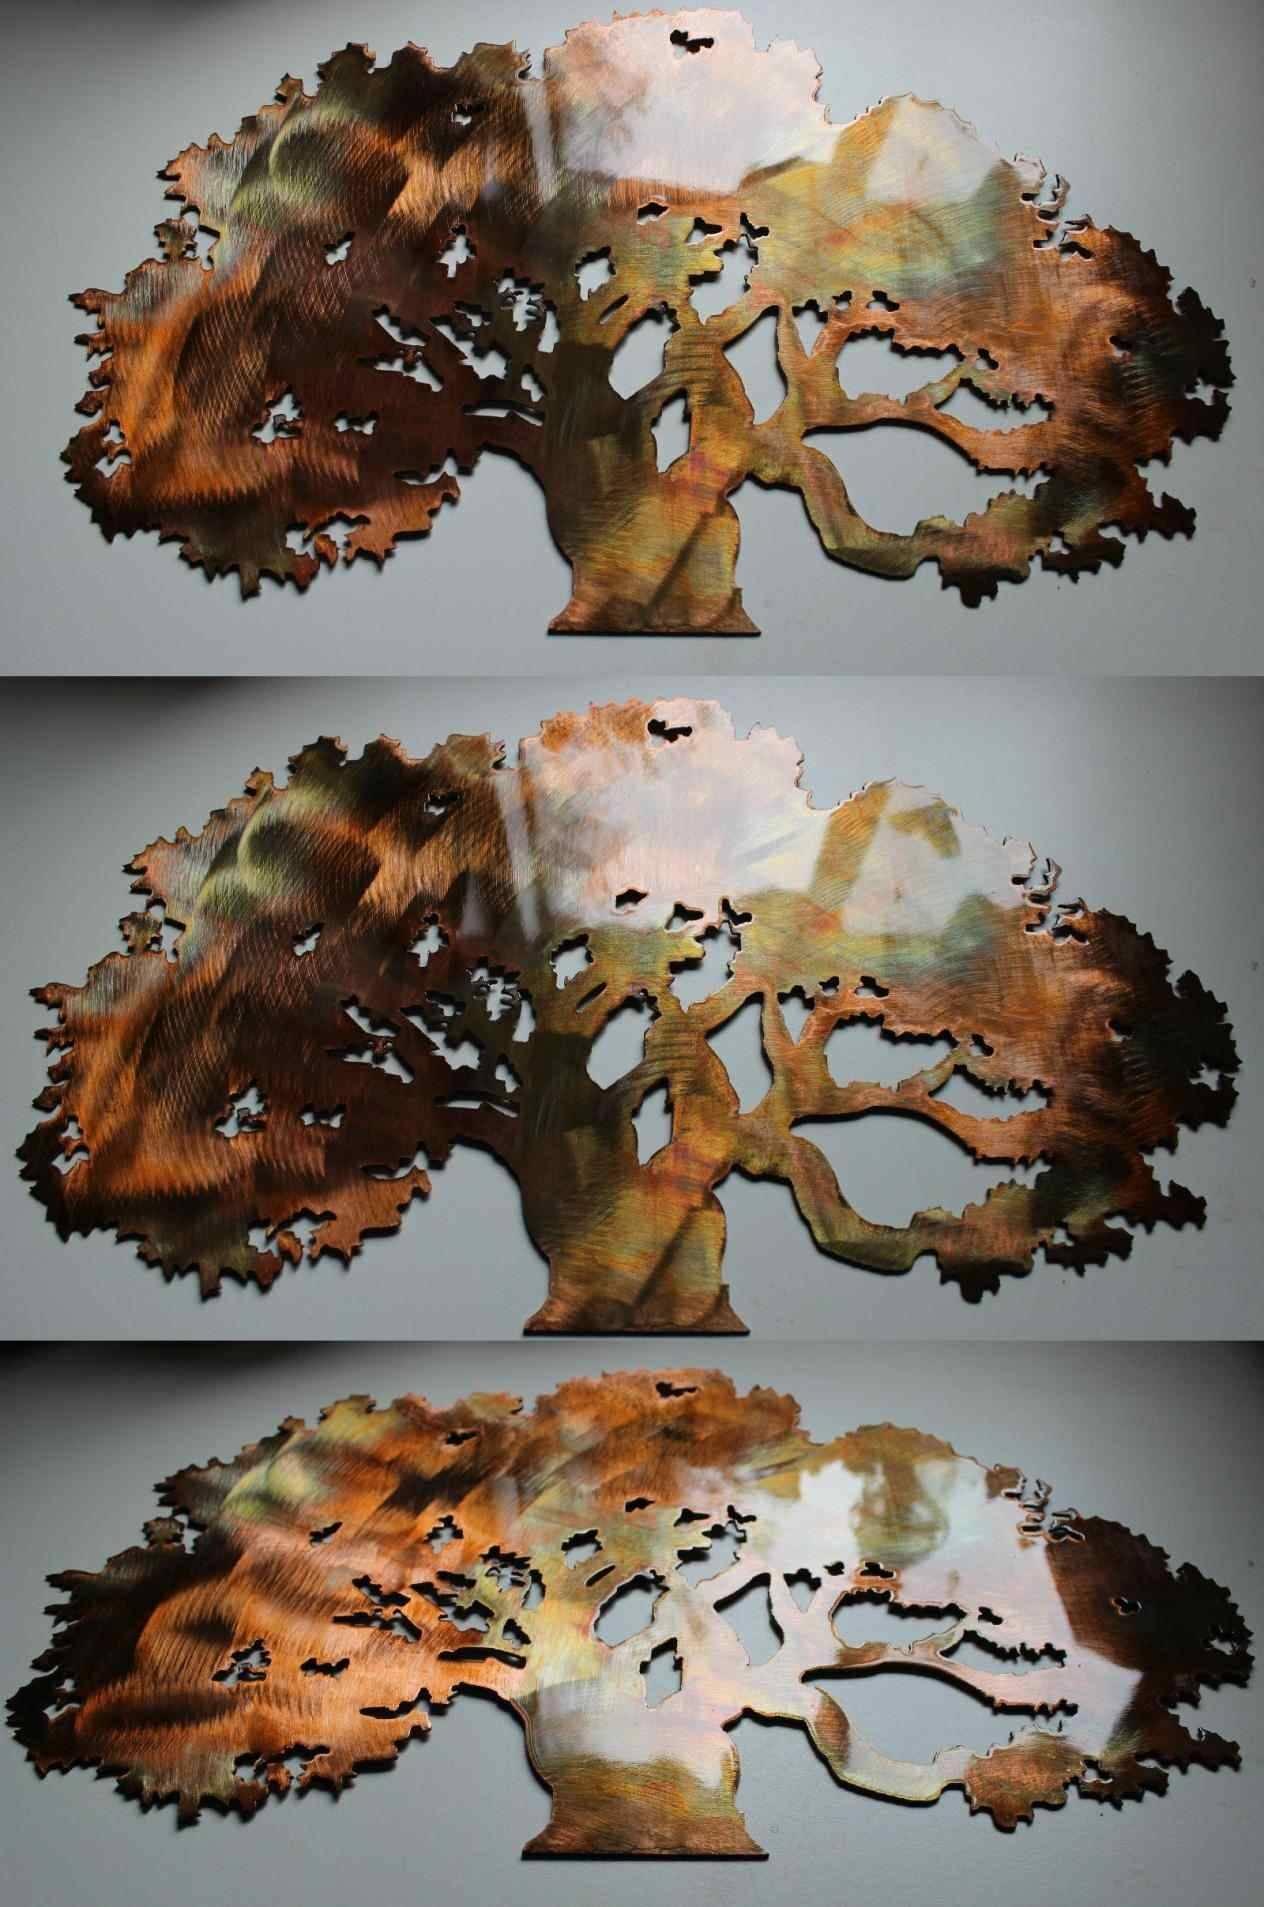 Wall Metal Oak Tree Wall Art Art Decor Ideas White Oak Tree Metal Throughout Most Up To Date Metal Oak Tree Wall Art (View 30 of 30)